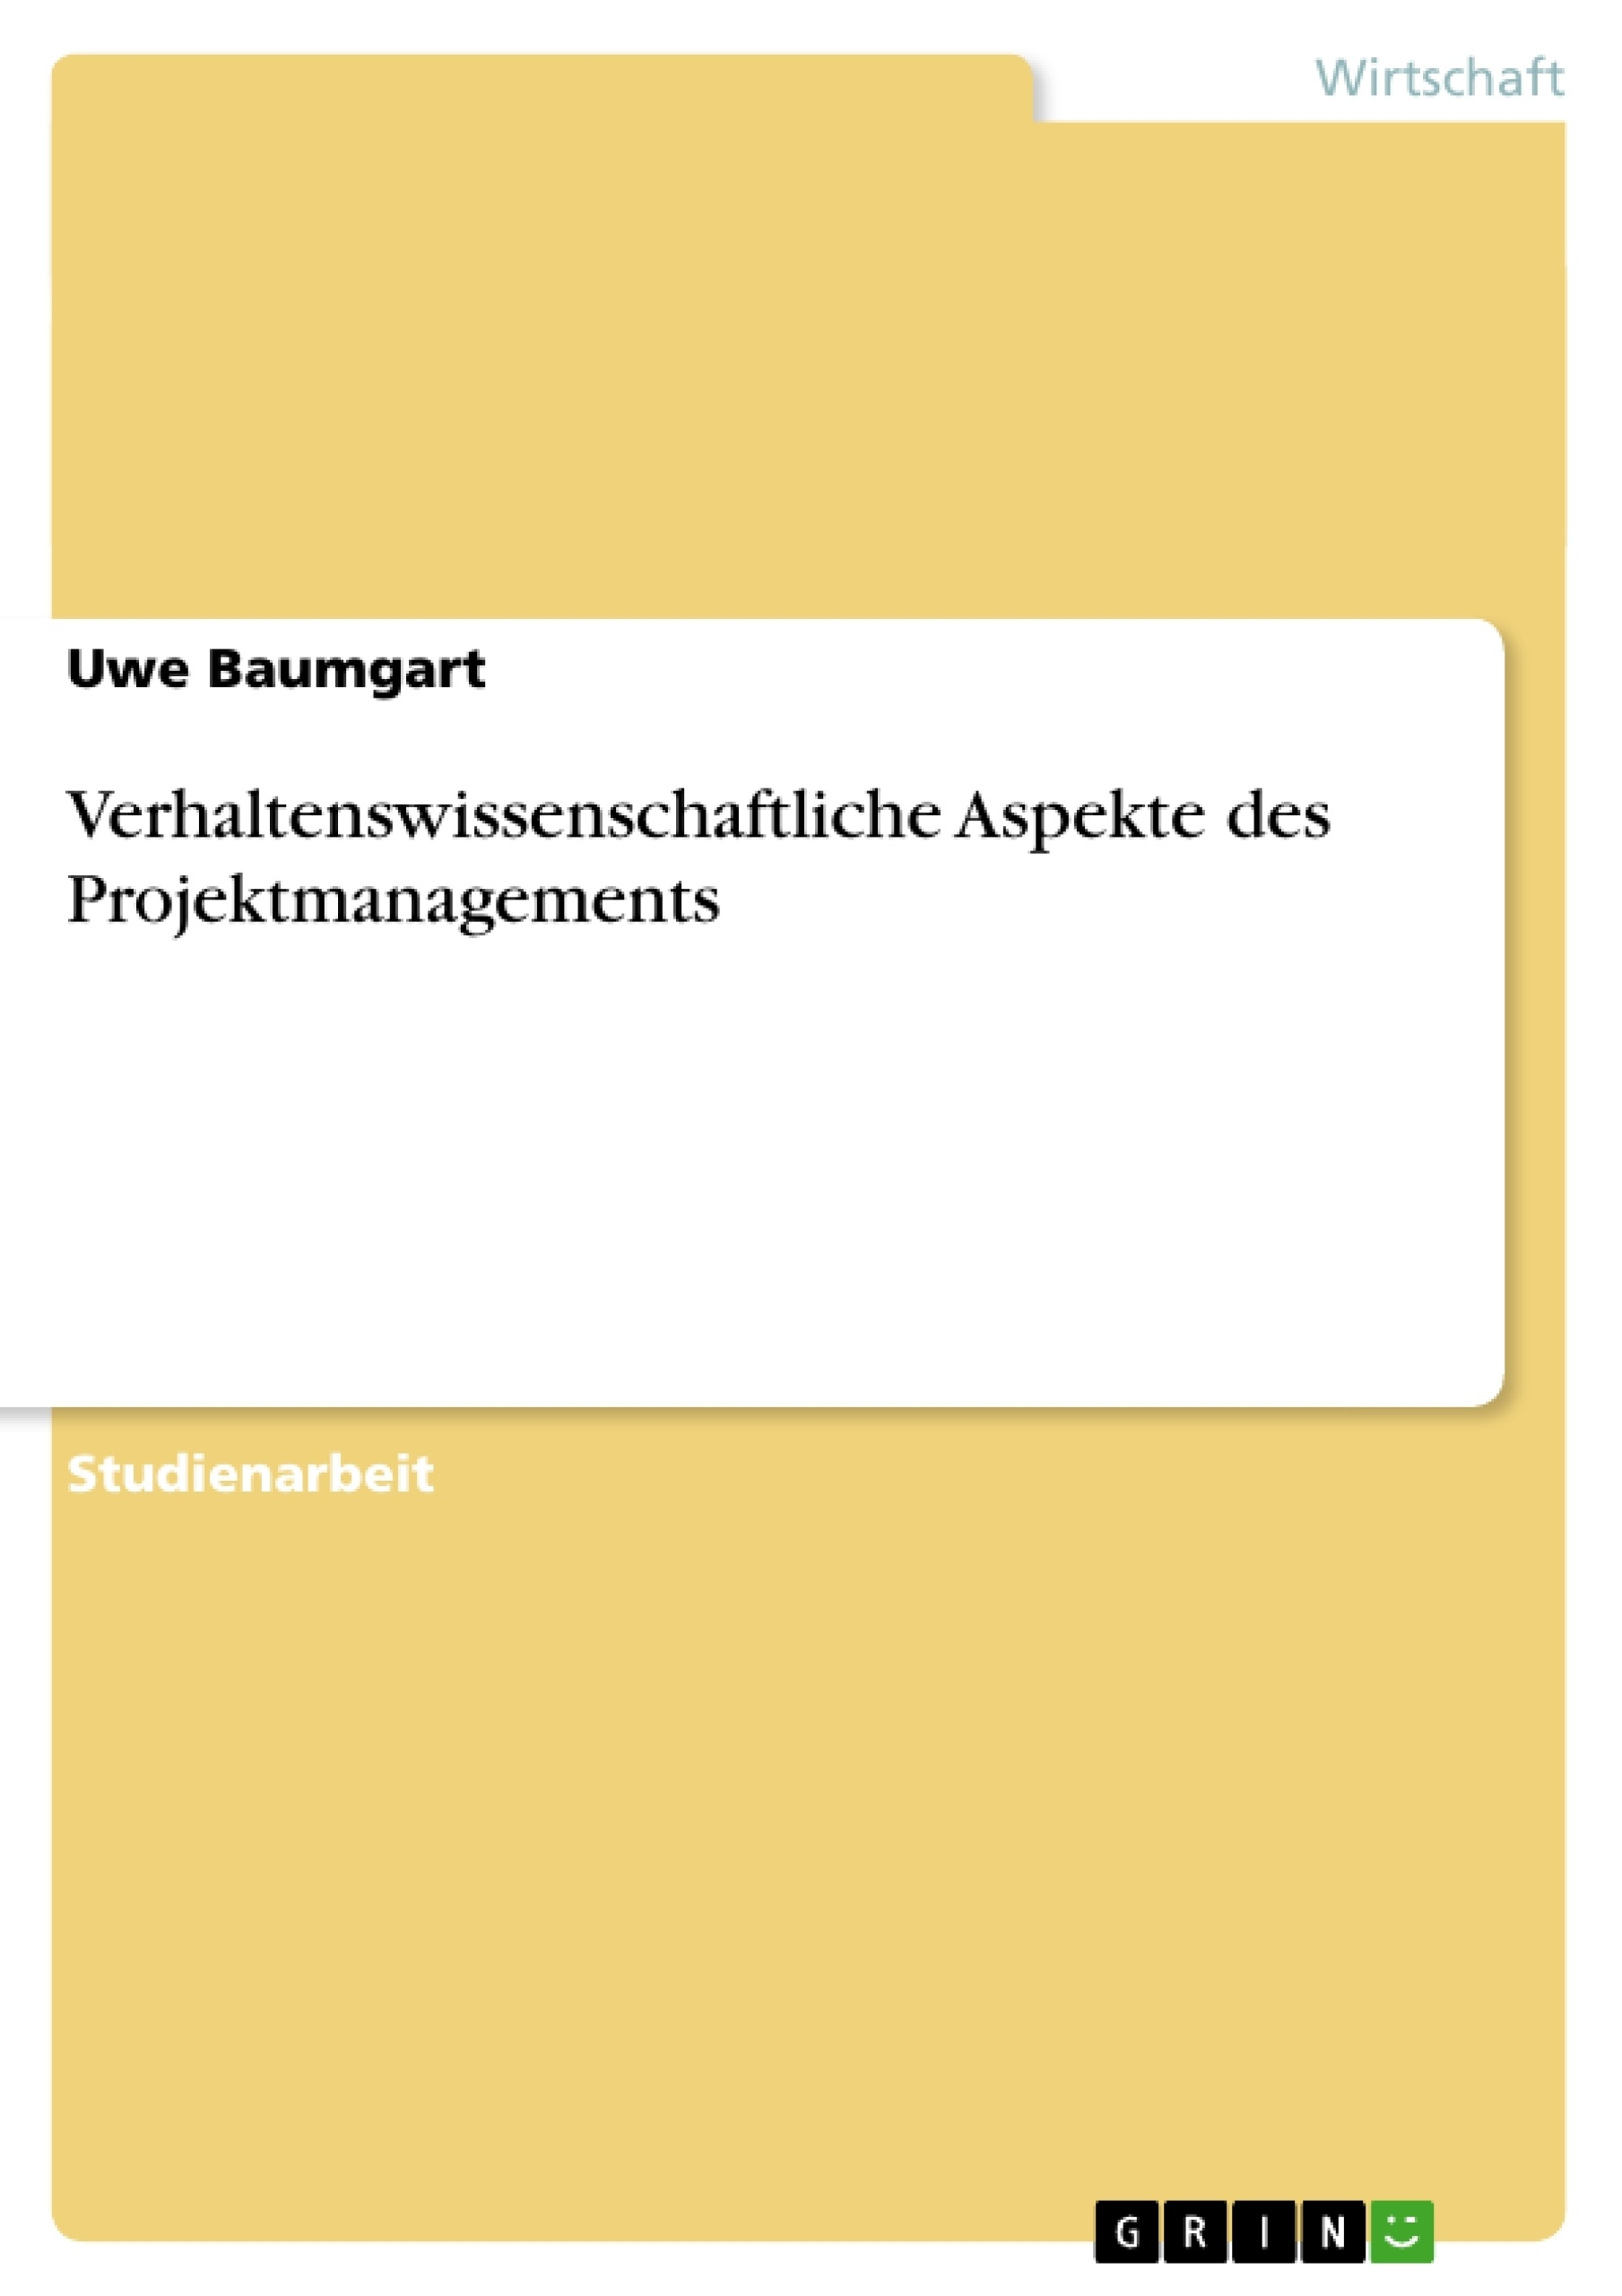 Titel: Verhaltenswissenschaftliche Aspekte des Projektmanagements